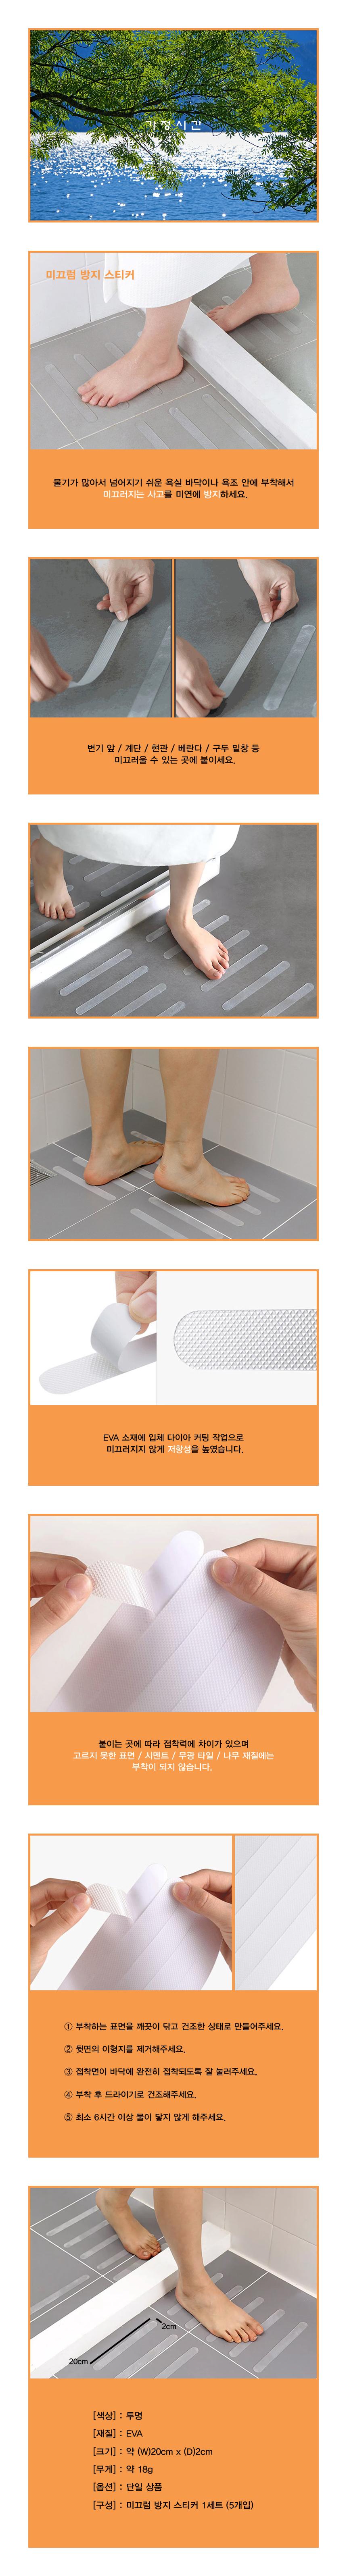 미끄럼방지스티커 논슬립 욕실 테이프 - 가정시간, 4,200원, 세안/목욕, 샤워소품